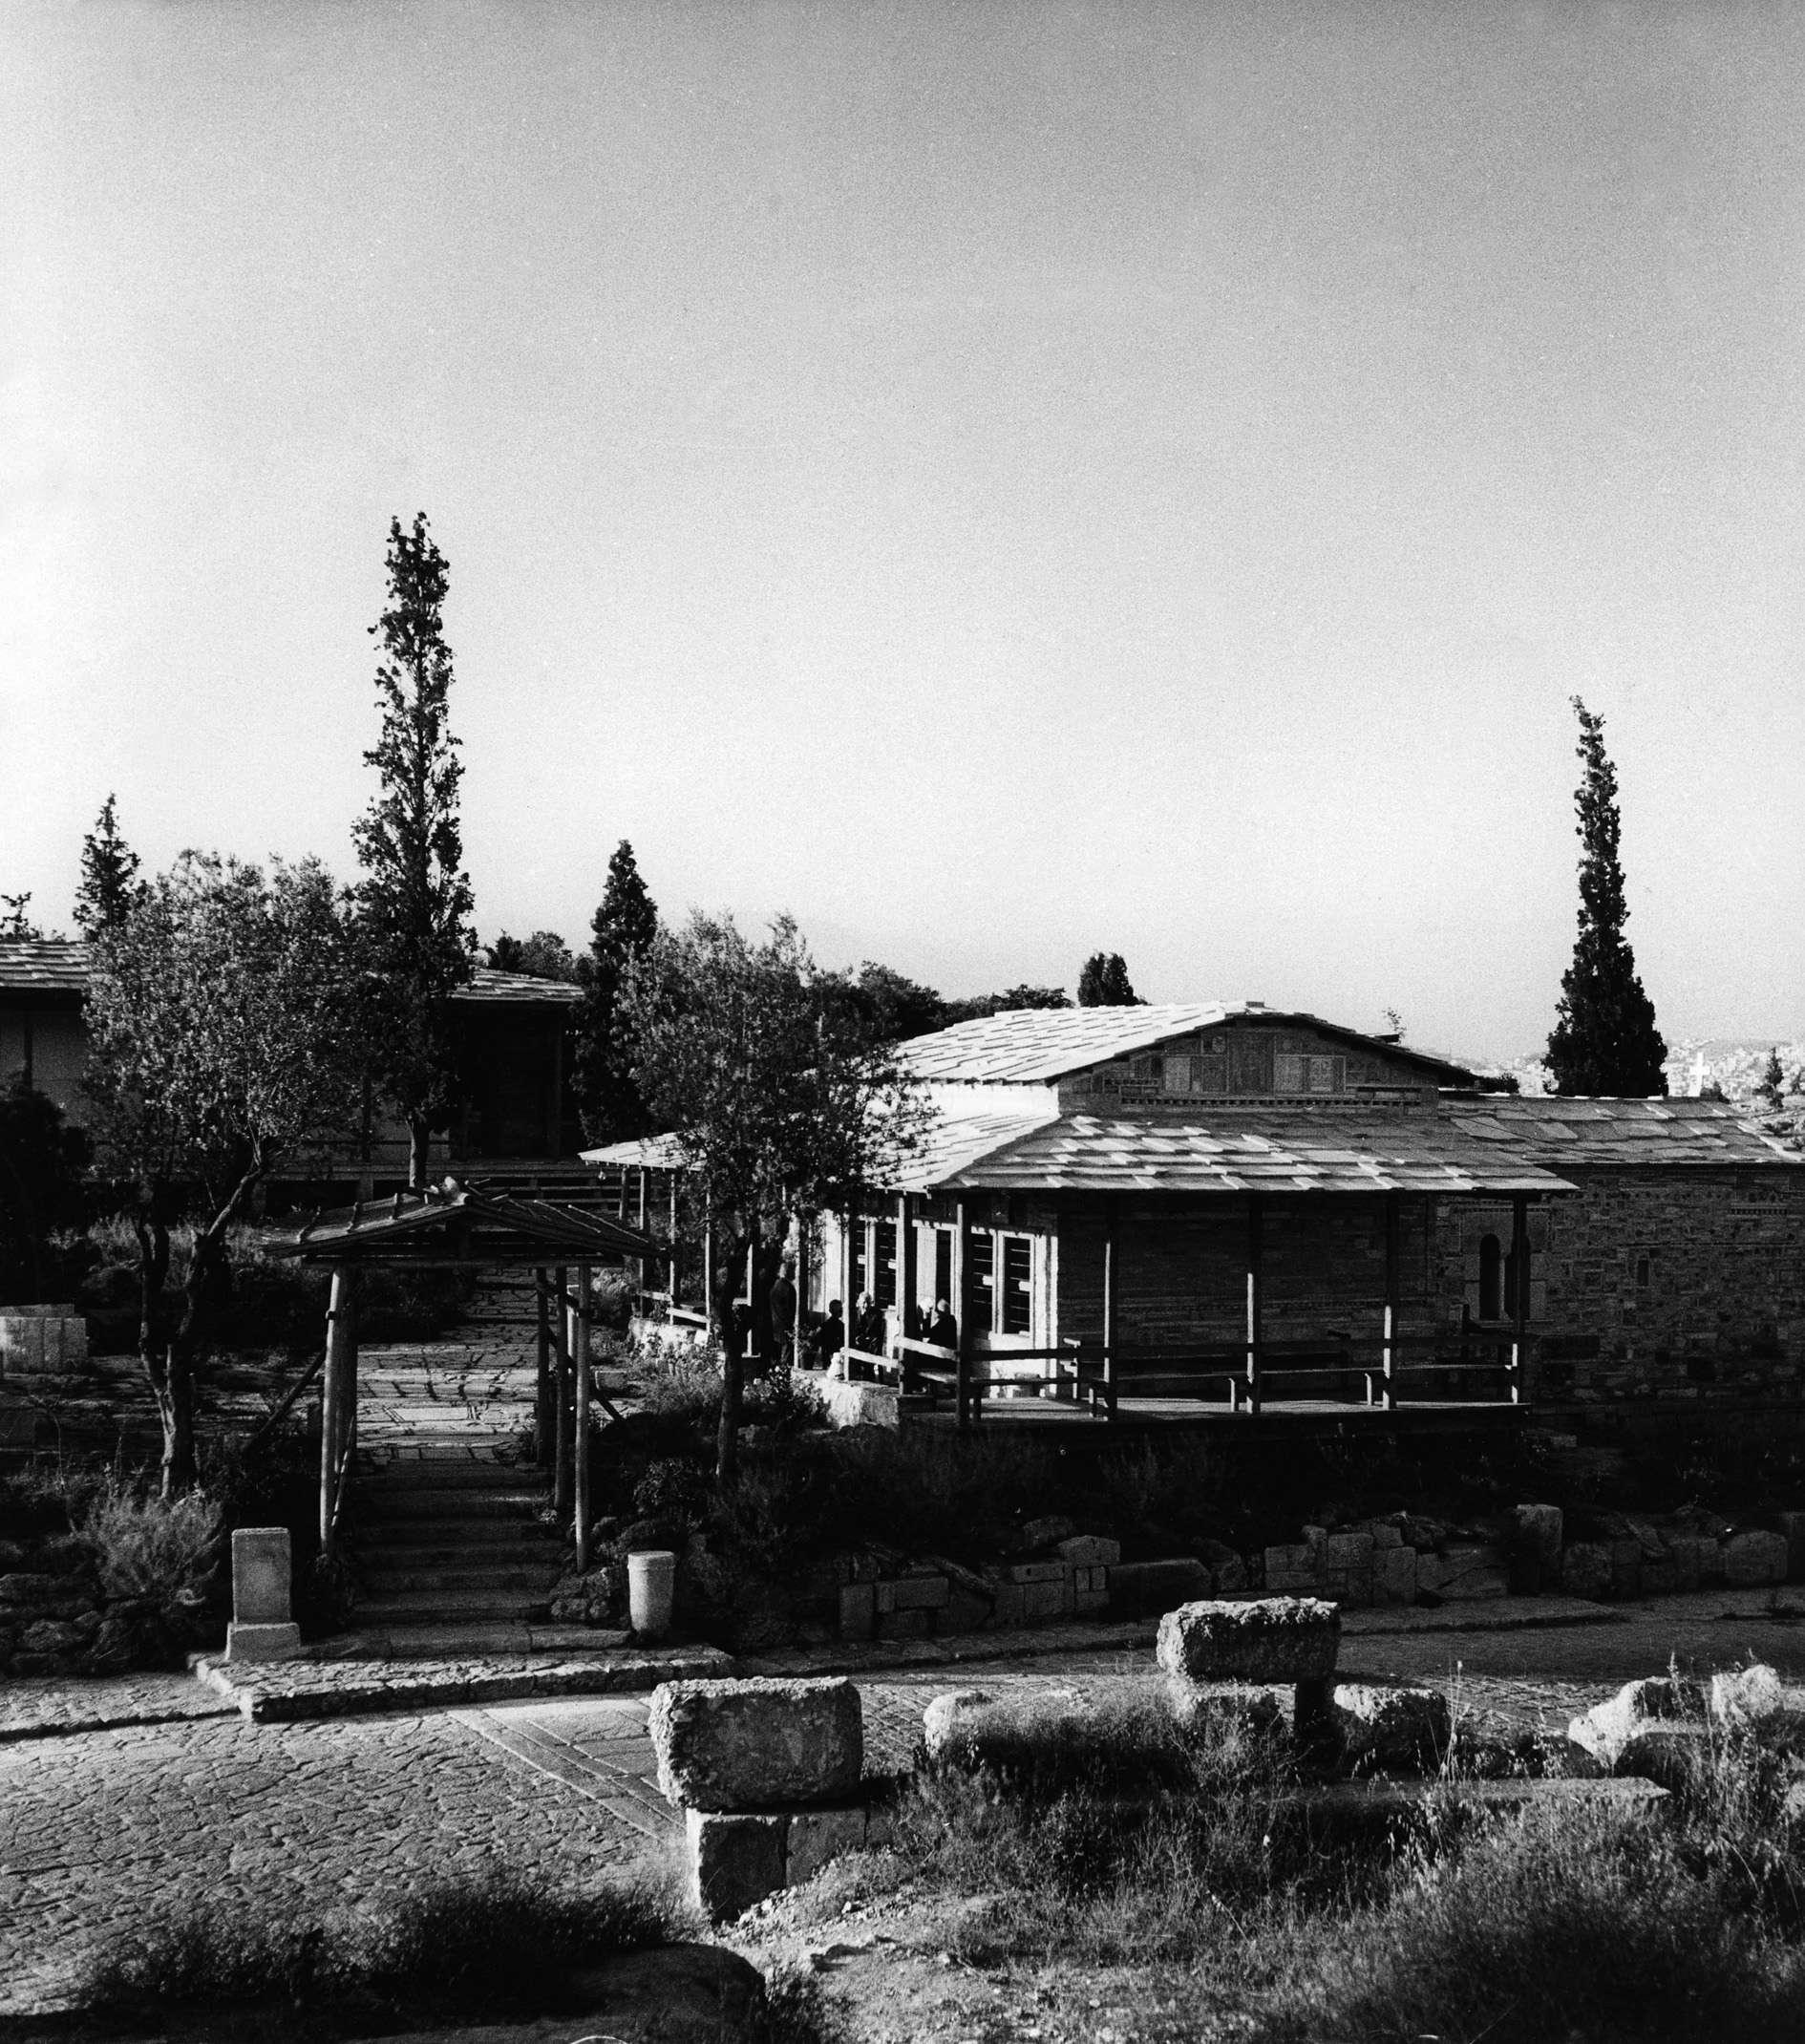 Δημήτρης Πικιώνης. Εκκλησία Αγίου Δημήτριου Λουμπαρδιάρη και αναπαυτήριο, 1954-1958: Το πρόπυλο και η εκκλησία.